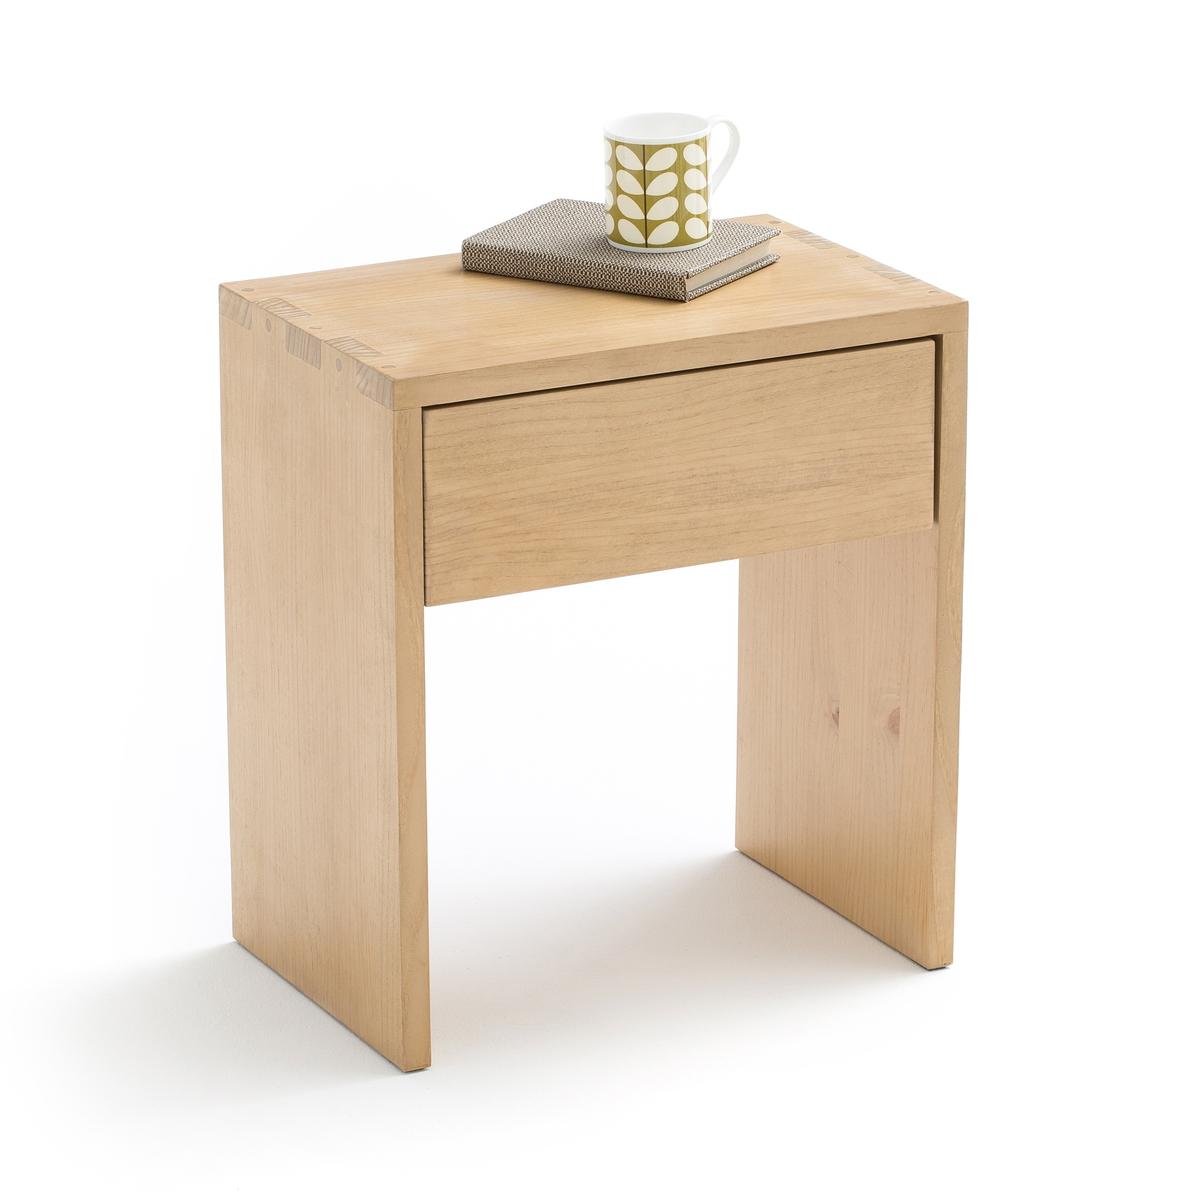 Столик прикроватный с 1 ящиком CRUESOПрикроватный столик Crueso. Элегантный и аутентичный прикроватный столик из массива дерева Crueso классической формы с ящиком для хранения личных вещей.Описание прикроватного столика CRUESO :Прикроватный столик с 1 ящиком для храненияХарактеристики прикроватного столика CRUESO :Из массива сосны цвета светлого дуба с лаковой нитроцеллюлозной отделкойОтделка углов ласточкин хвостВсю коллекцию прикроватных столиков Вы найдете на laredoute.ruРазмеры столика CRUESO :ОбщиеШирина 45 см. Глубина 30 смВысота 50,5 смВнутренние размеры ящика :37,5 x 23,5 x 11 смДоставка :Прикроватный столик CRUESO поставляется в собранном виде. Доставка будет осуществлена до вашей квартиры по предварительному согласованию !Внимание ! Убедитесь, что посылку возможно доставить на дом, учитывая ее габариты.1 коробка56 x 41 x 65 смВес 9 кг<br><br>Цвет: дуб